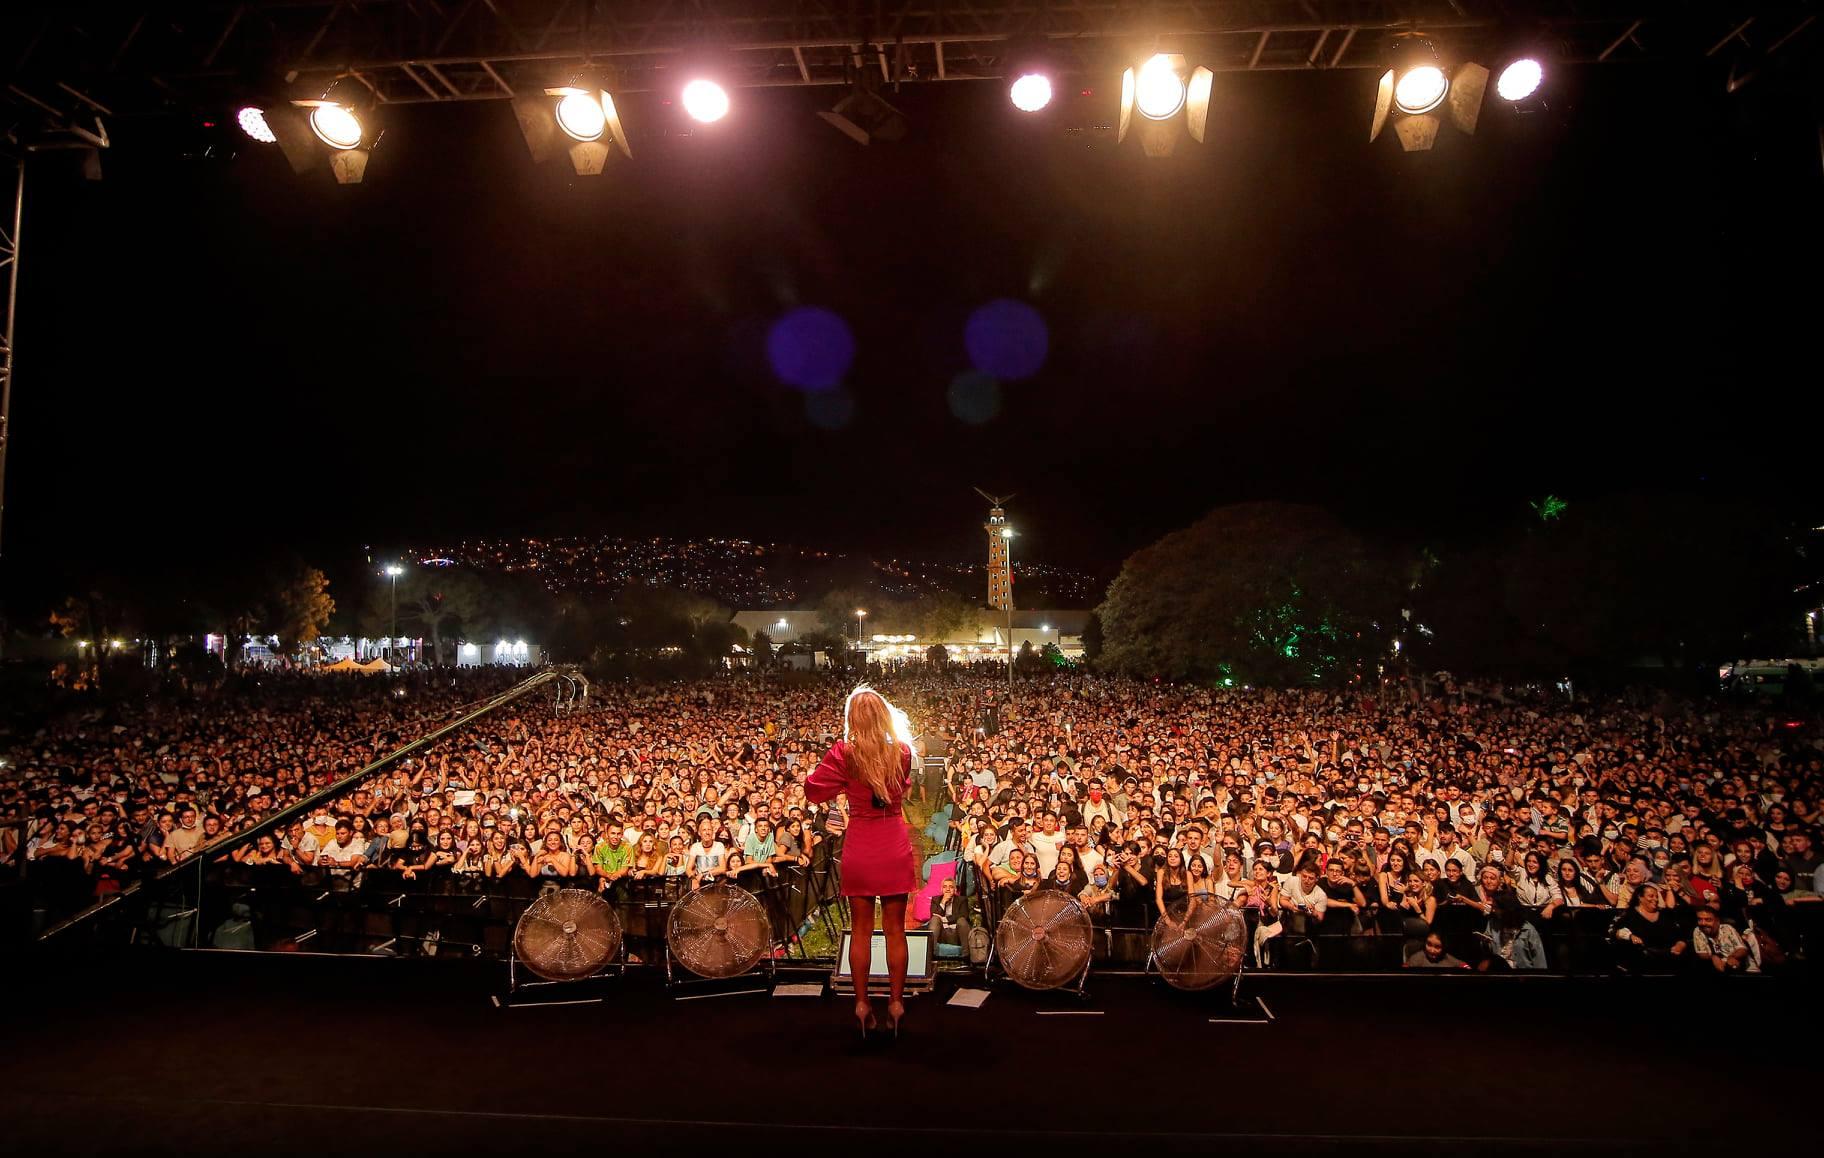 Bir bir veya daha fazla kişi, müzik enstrümanı çalan insanlar ve ayakta duran insanlar görseli olabilir